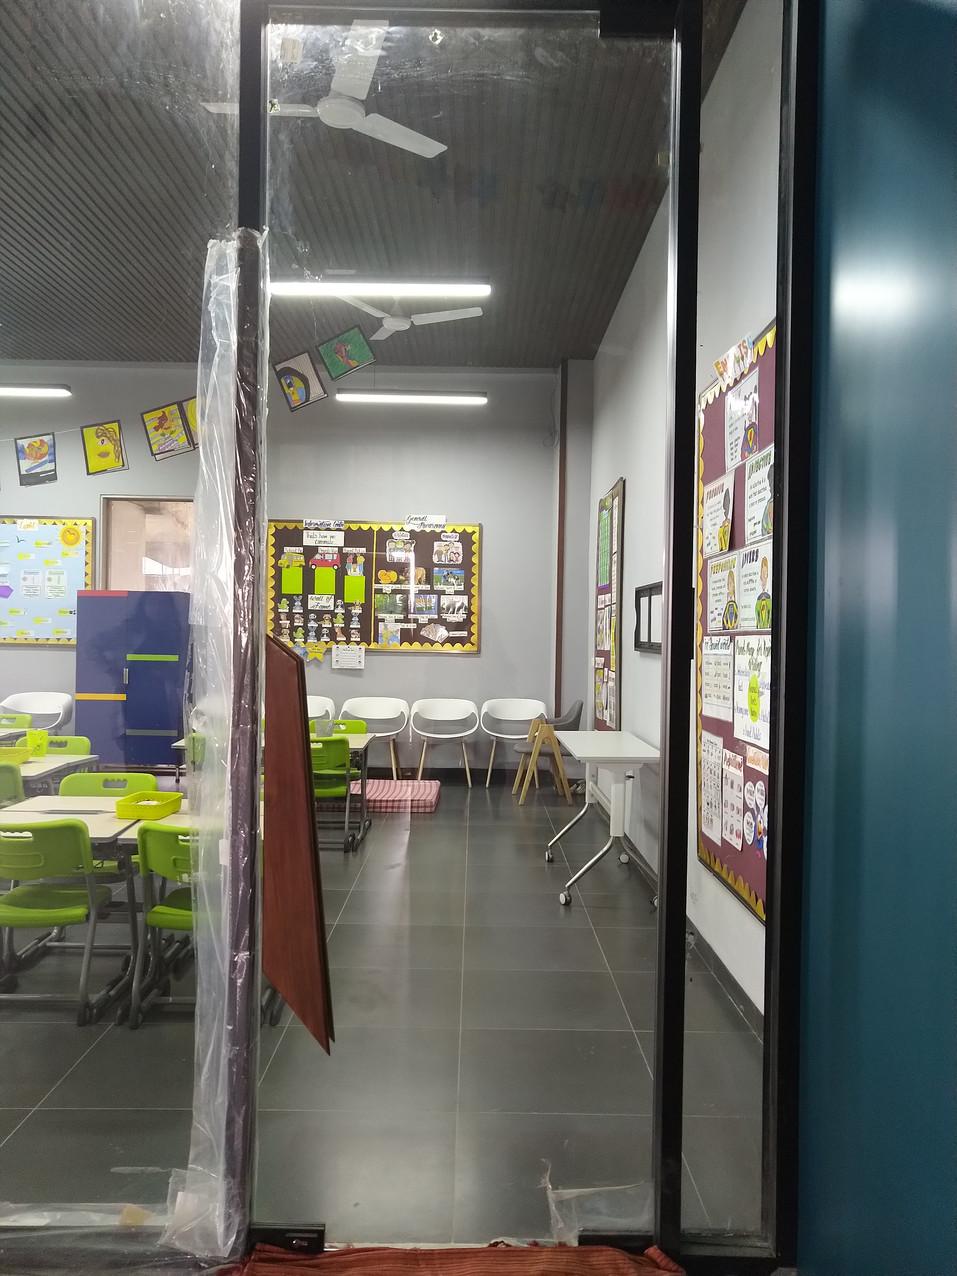 Mock classroom